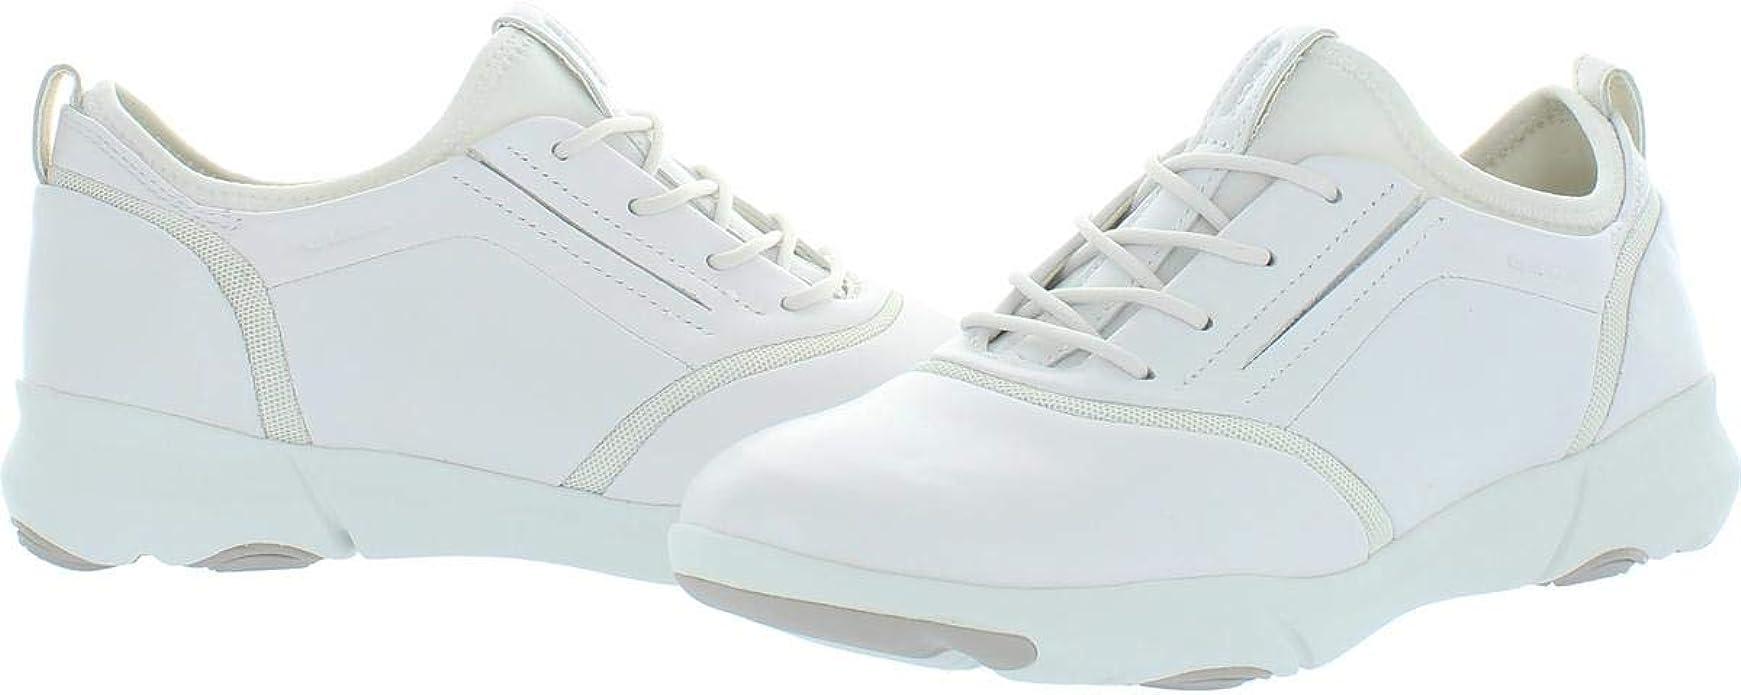 oído Indomable adolescente  Geox D Nebula S A, Baskets Enfiler Femme: Amazon.fr: Chaussures et Sacs